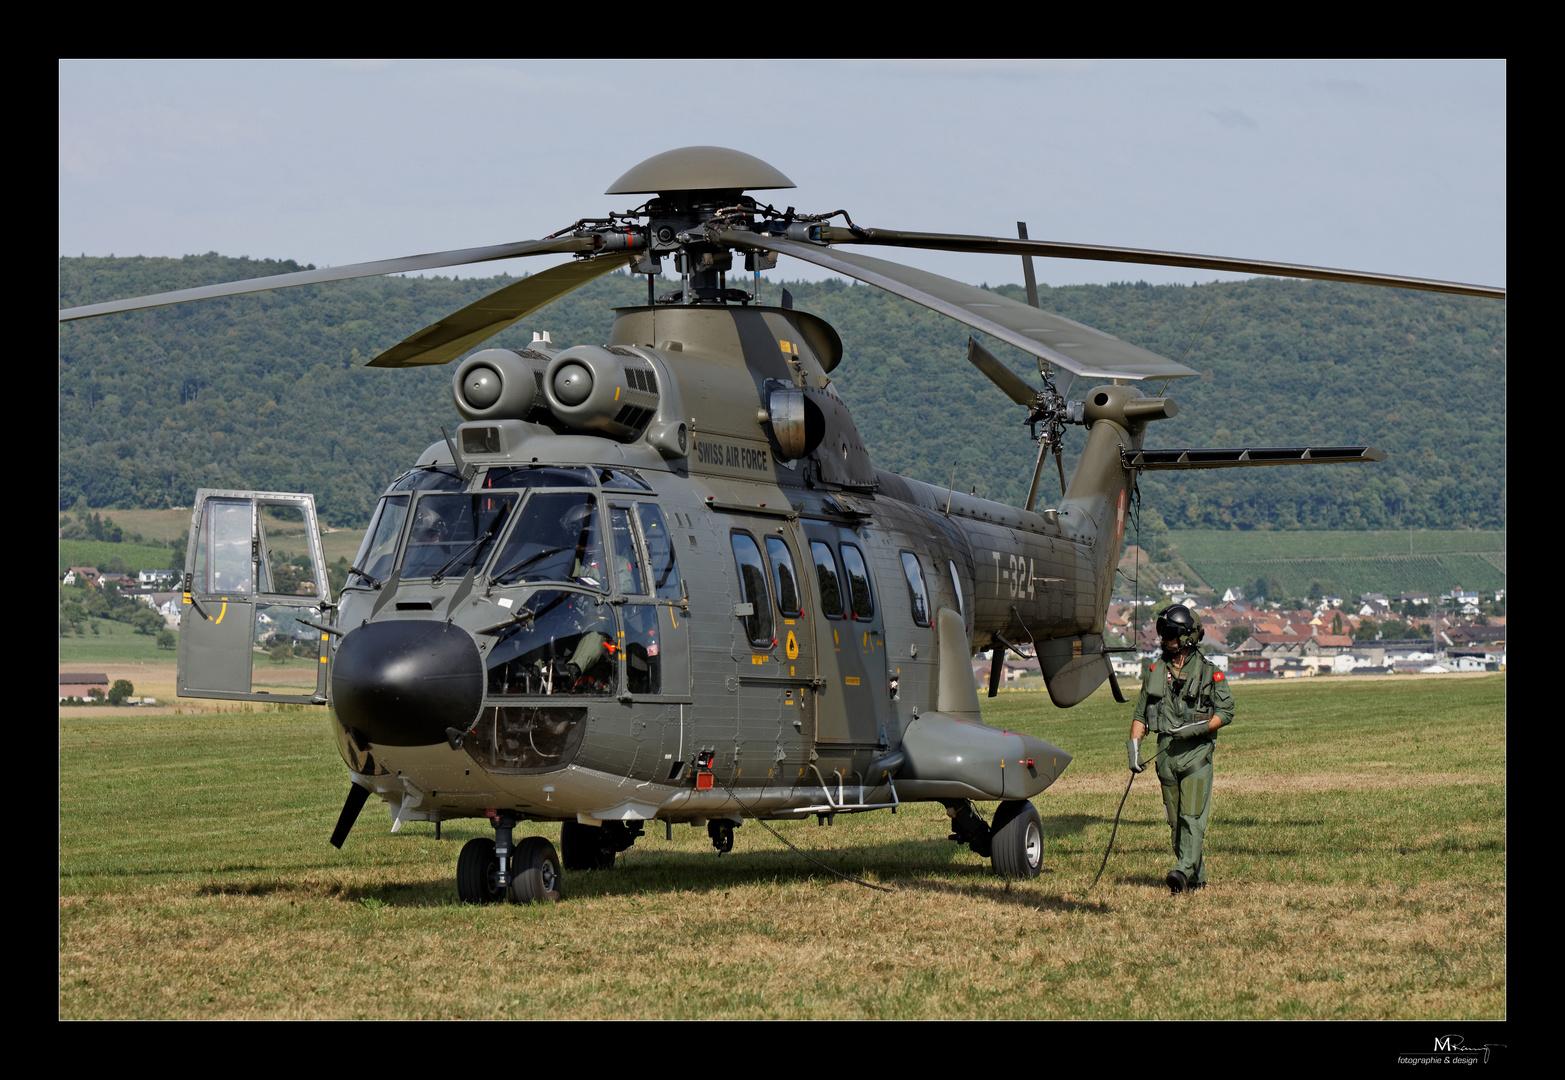 Eurocopter As 332 M1 Super Puma / T-324